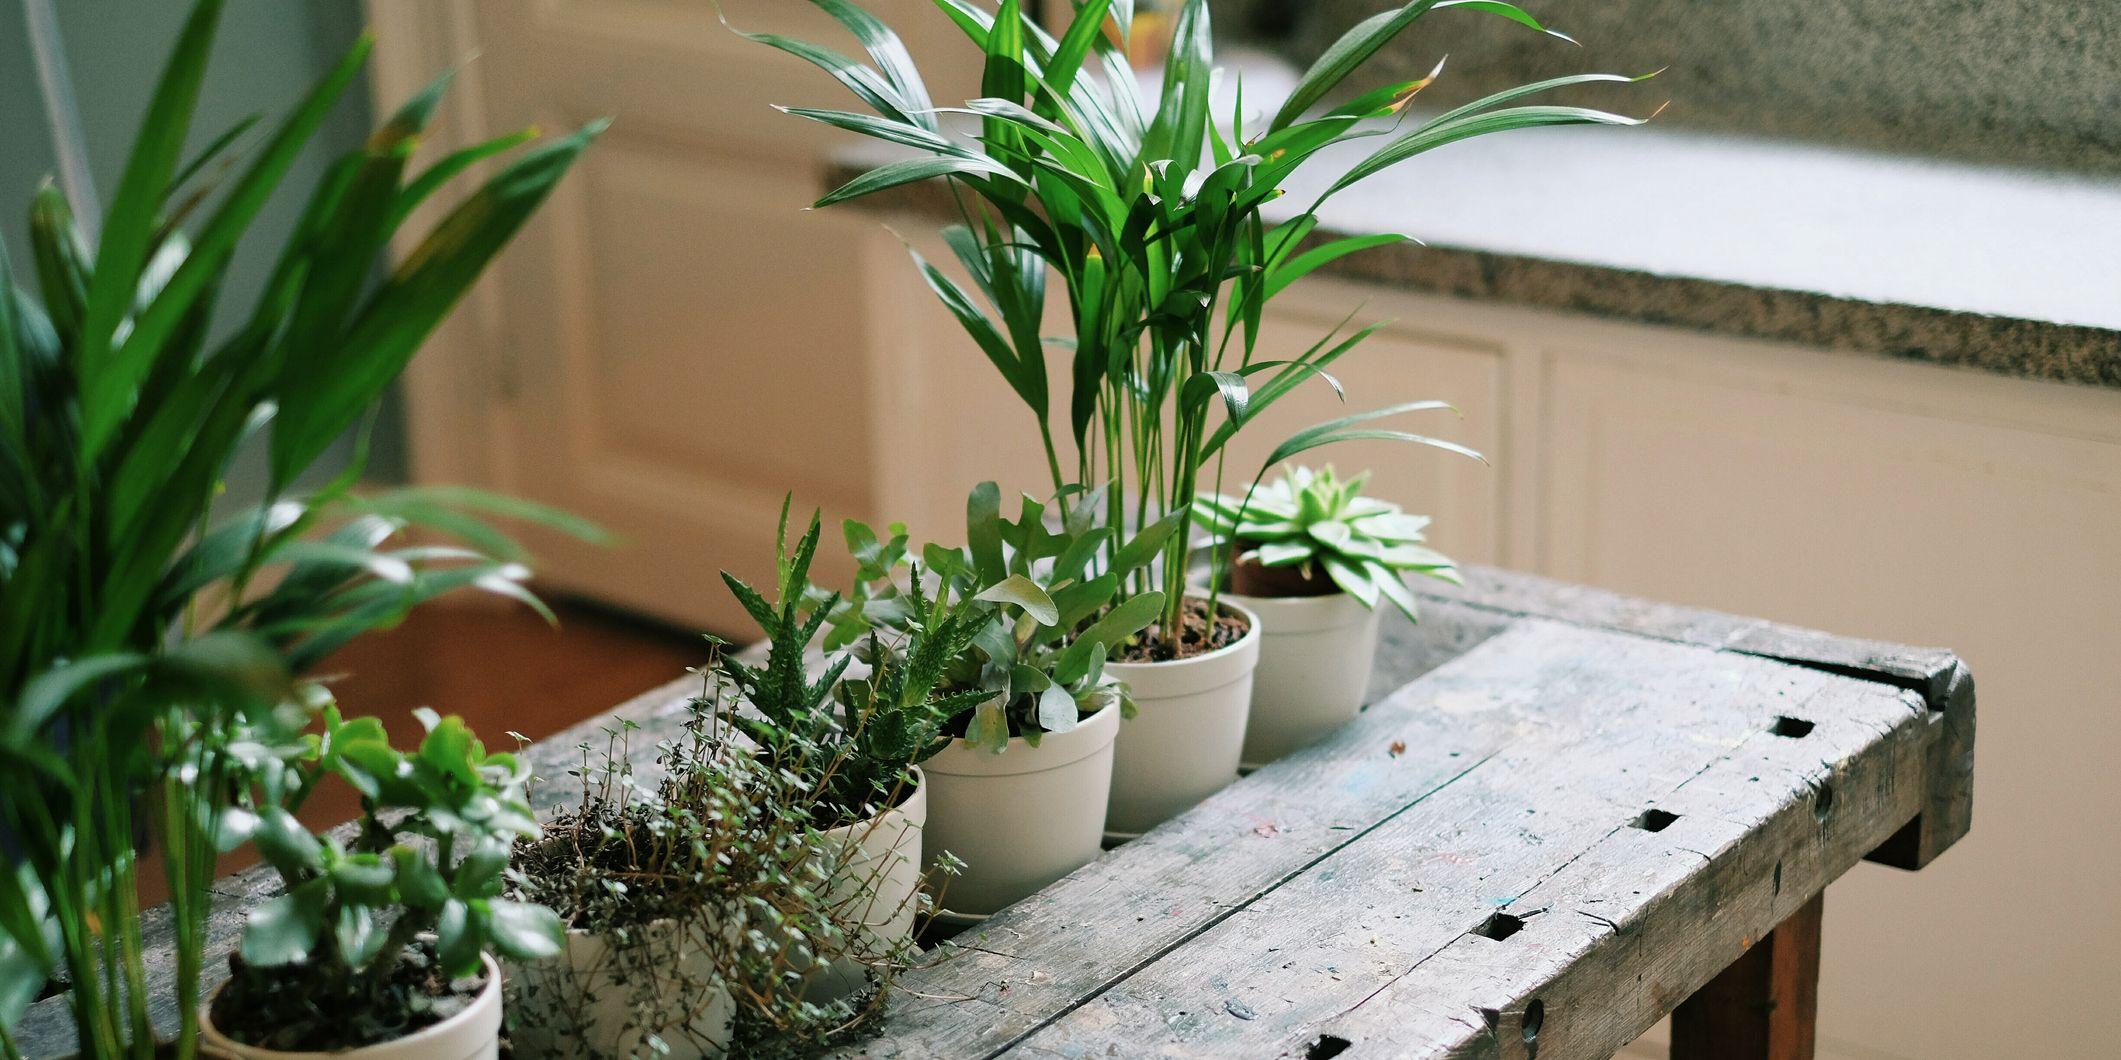 Planten dood laten gaan - met dit handboek gaan je planten niet meer dood